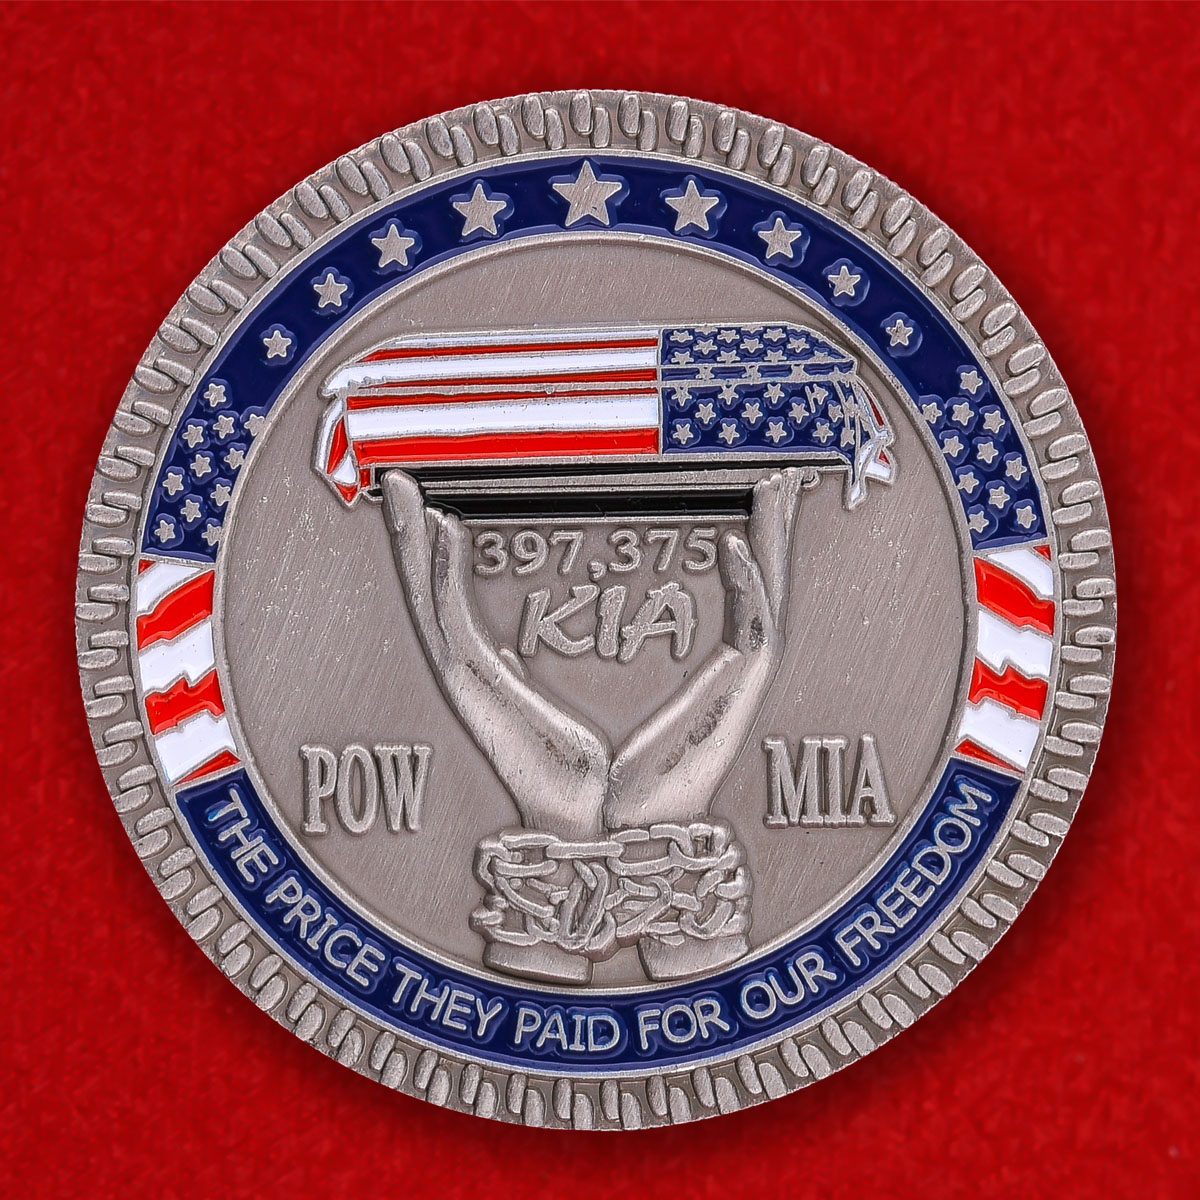 Челлендж коин Национальной лиги семей американских военнопленных и пропавших без вести